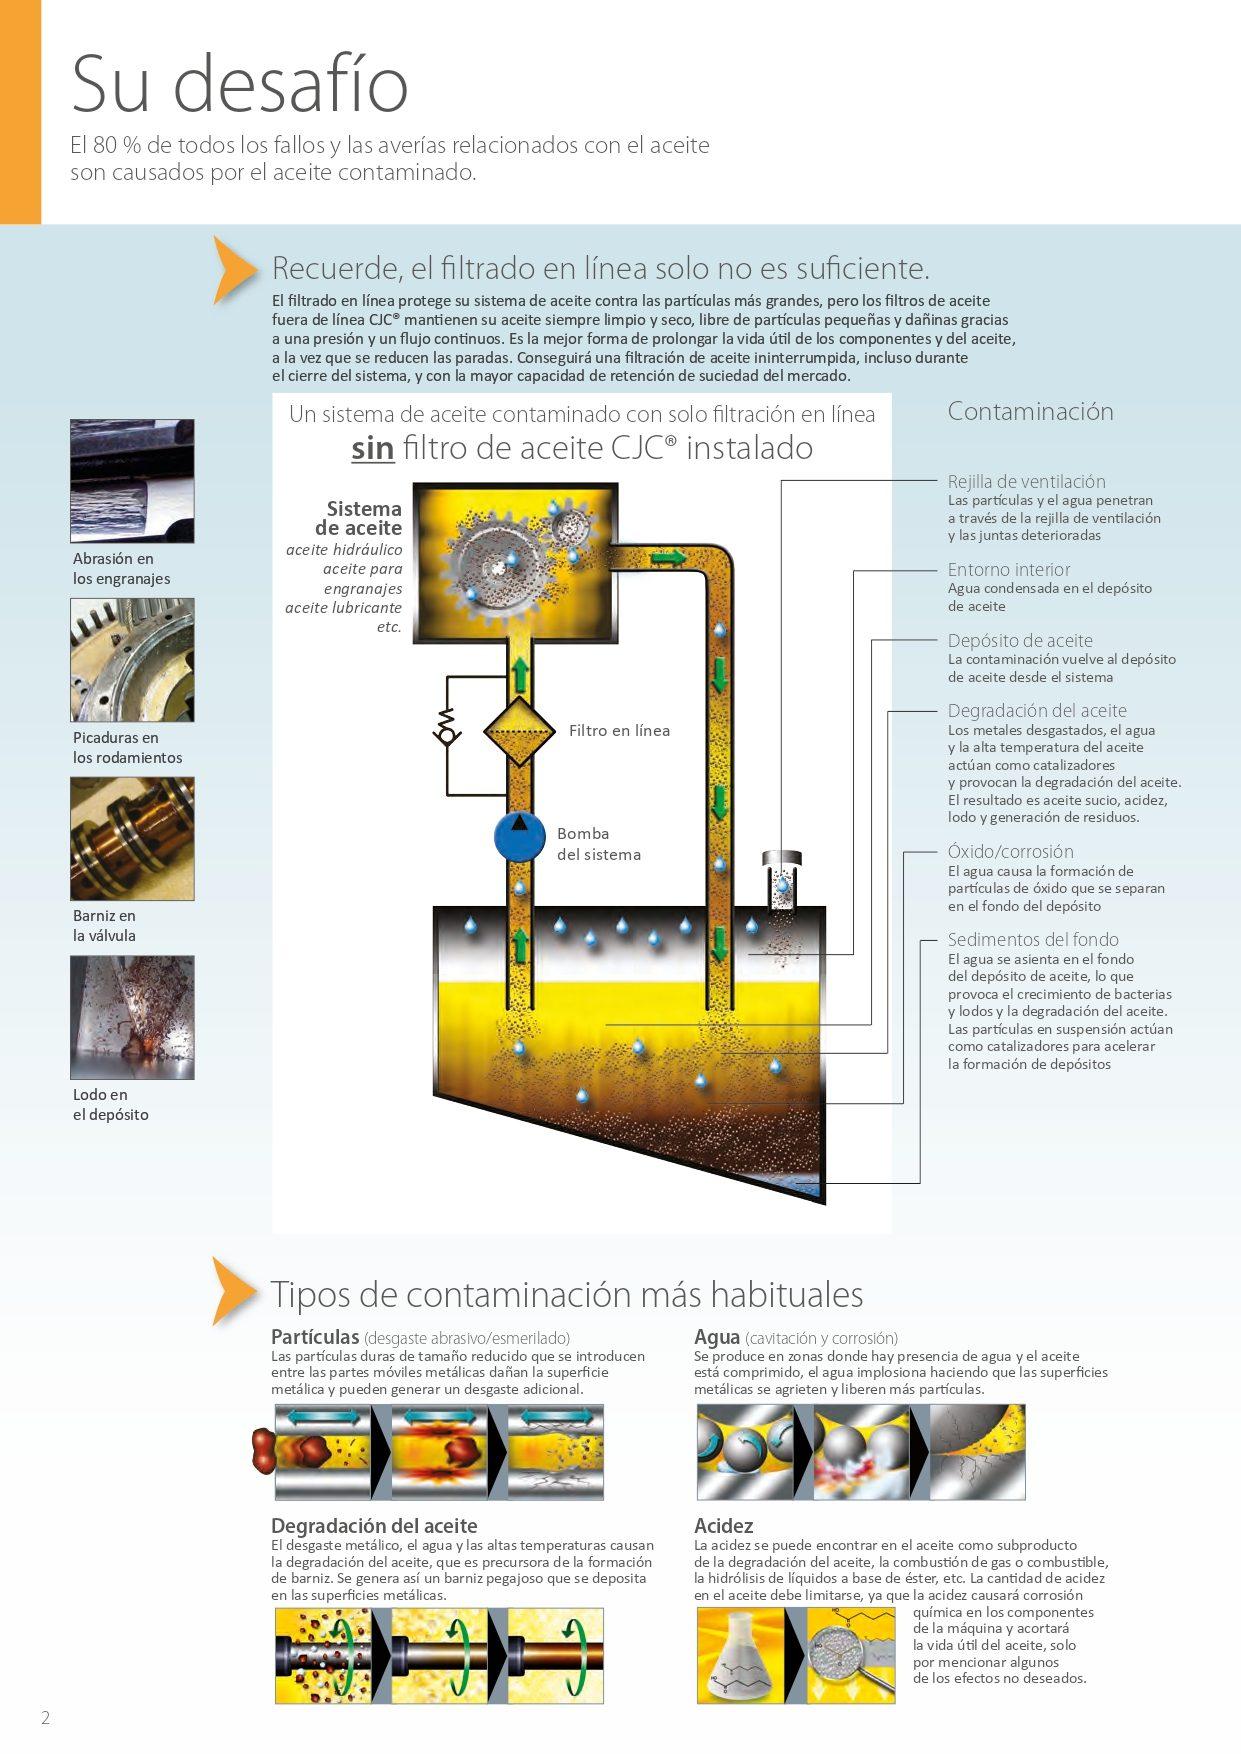 El 80% de todos los fallos y las averías relacionadas con el aceite son causados por el aceite contaminado